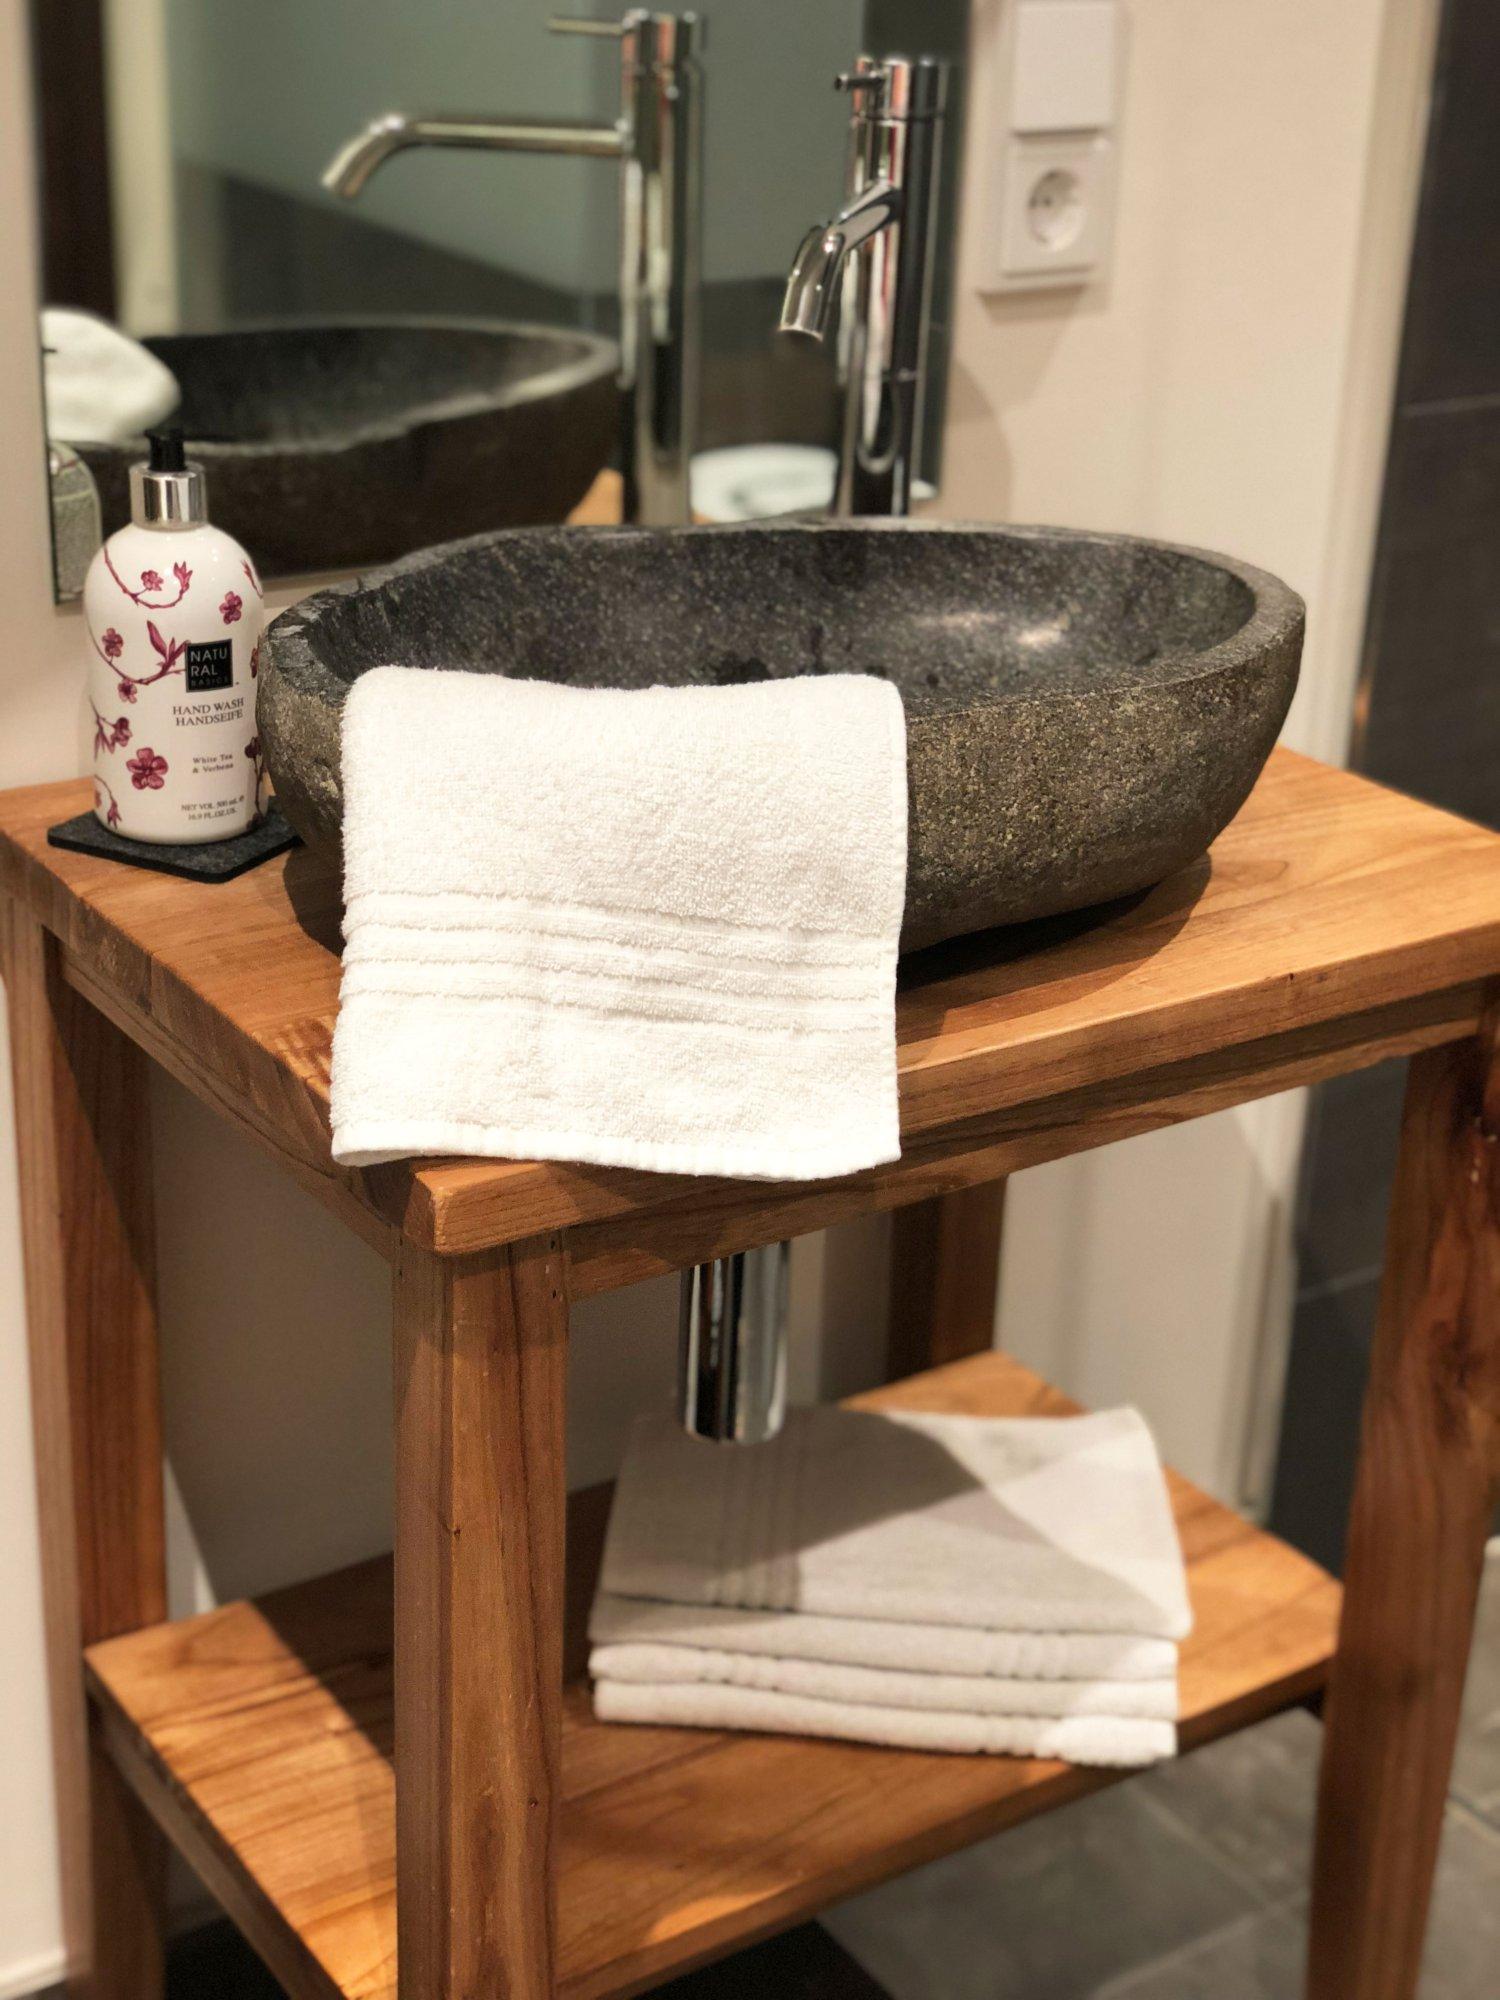 Gästehandtücher (6er-Set), 100 % Bauwolle, 40x60 cm